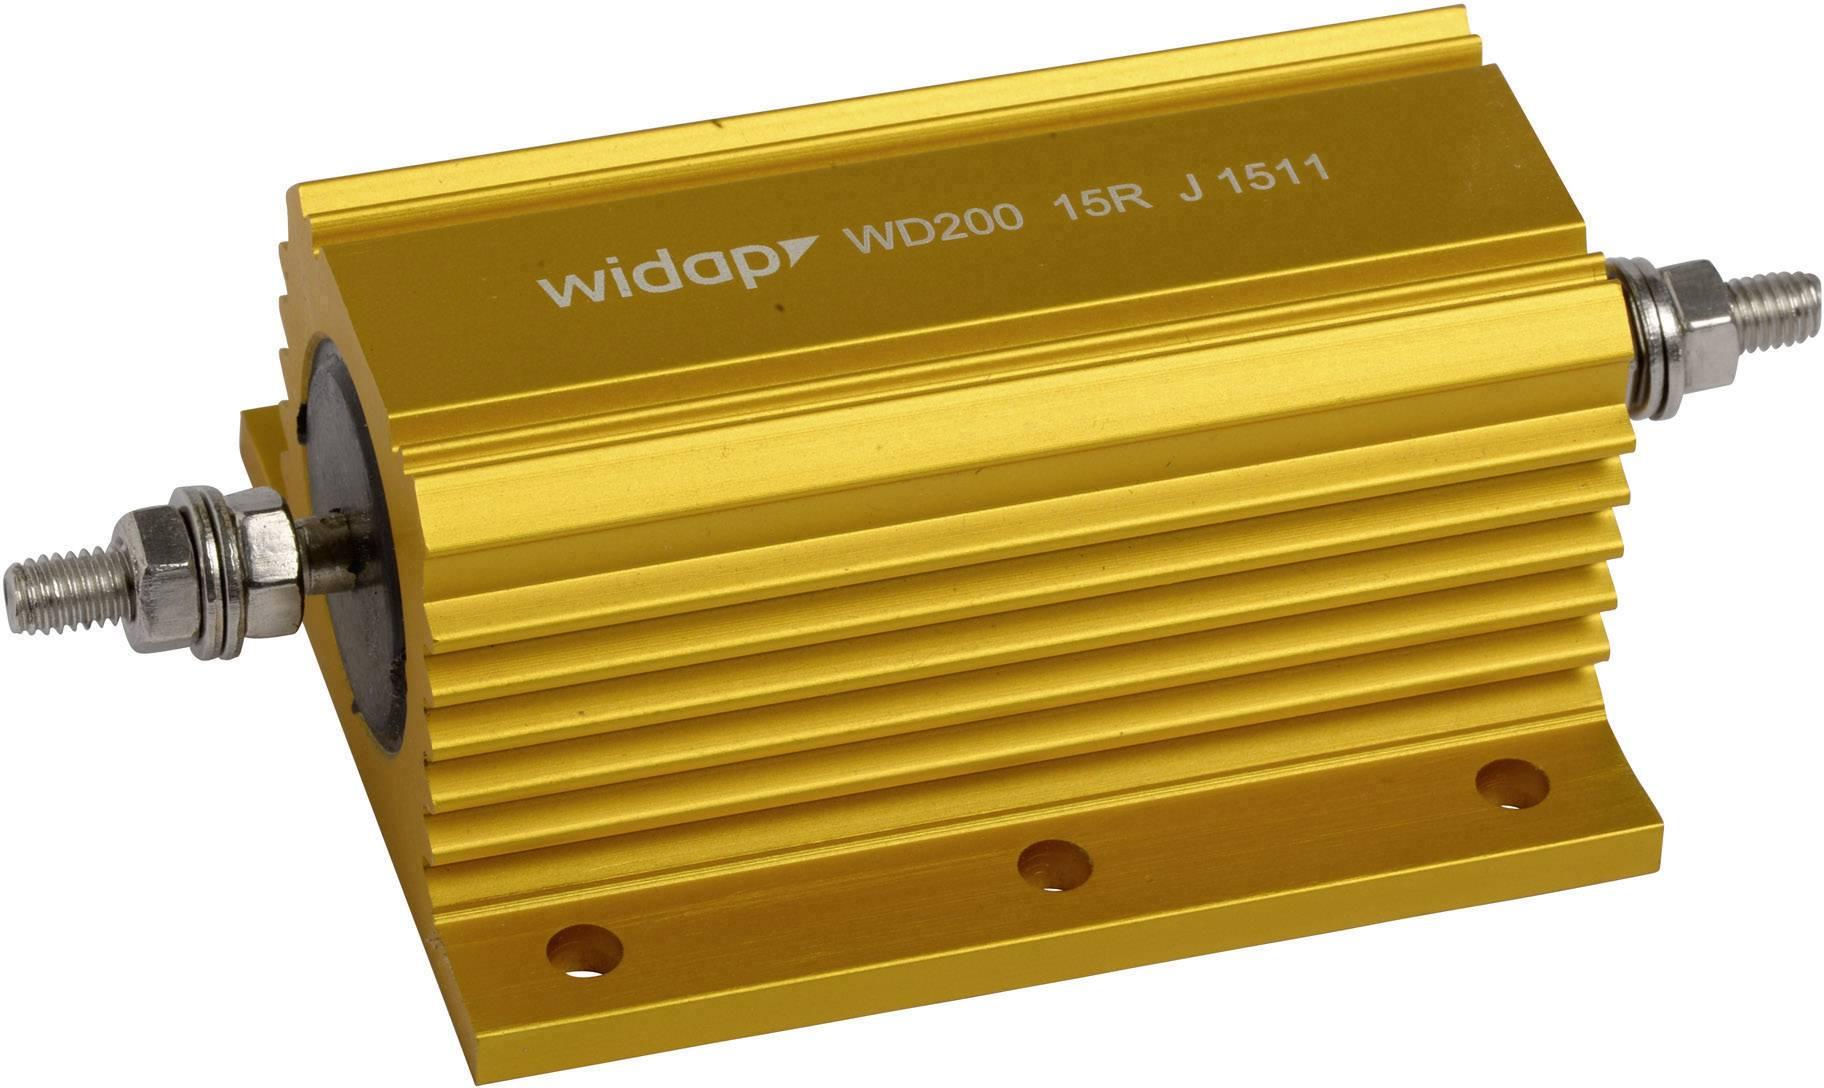 Drátový rezistor Widap 160149, hodnota odporu 6.8 Ohm, v pouzdře, 200 W, 1 ks